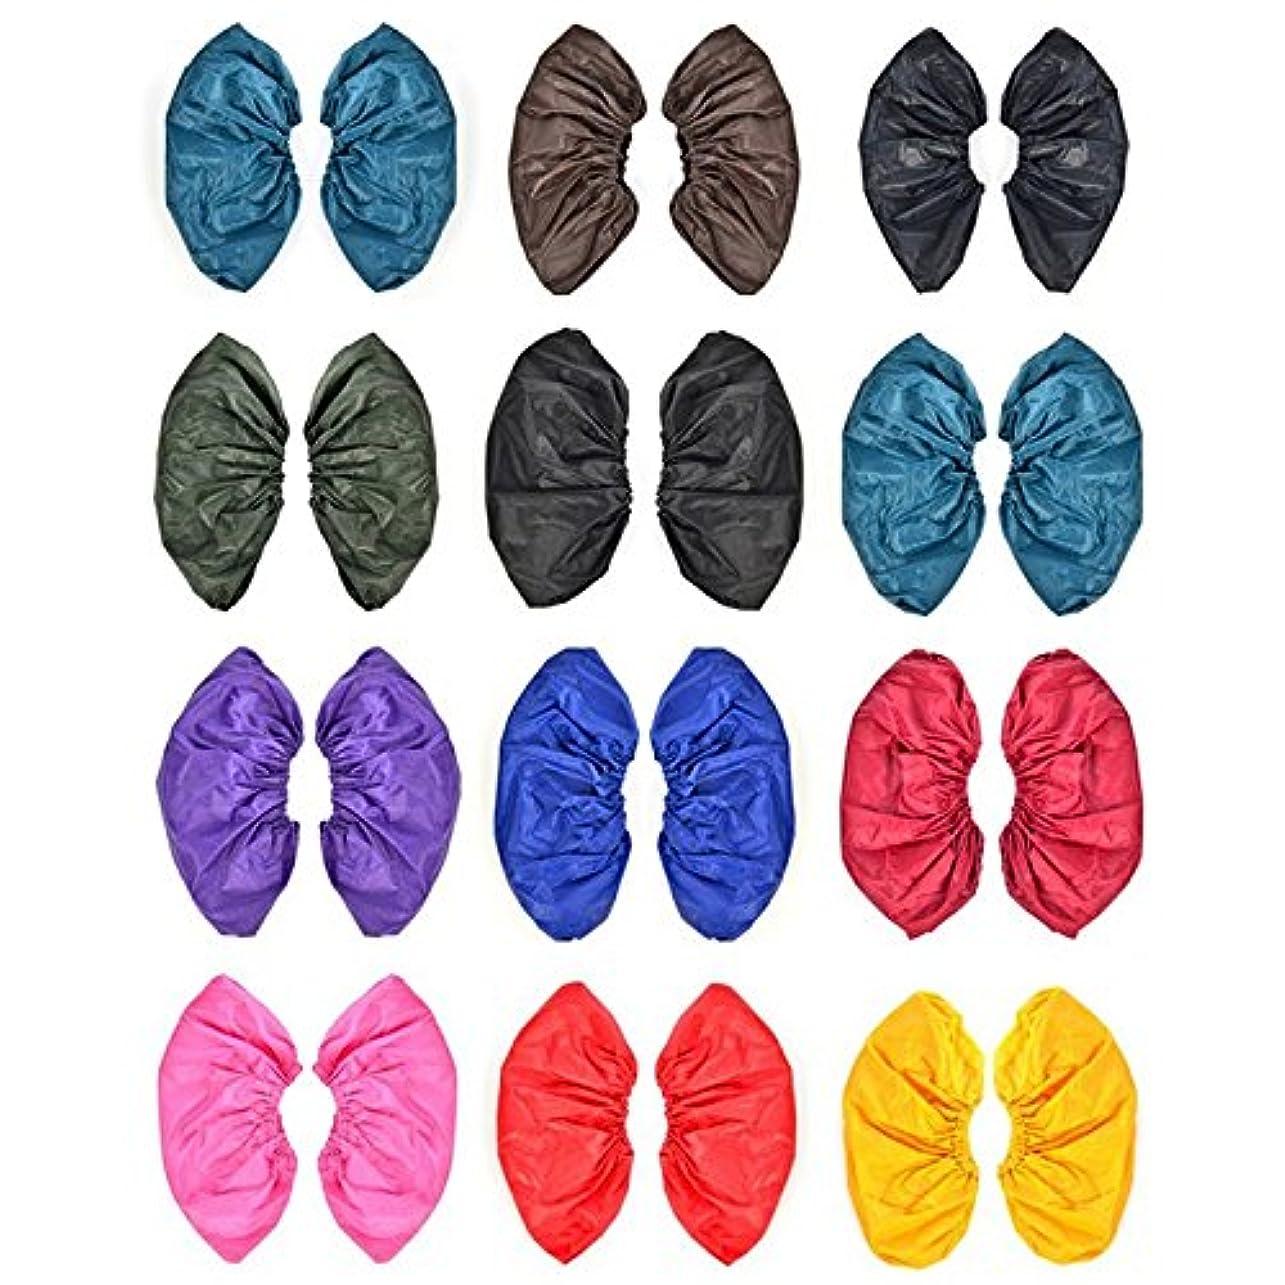 祈るグローブアラバマattachmenttou 雨靴カバー 再利用可能な防水雨の雪 ブーツは、耐熱PVC厚み付けソールの靴カバースリップ 男女